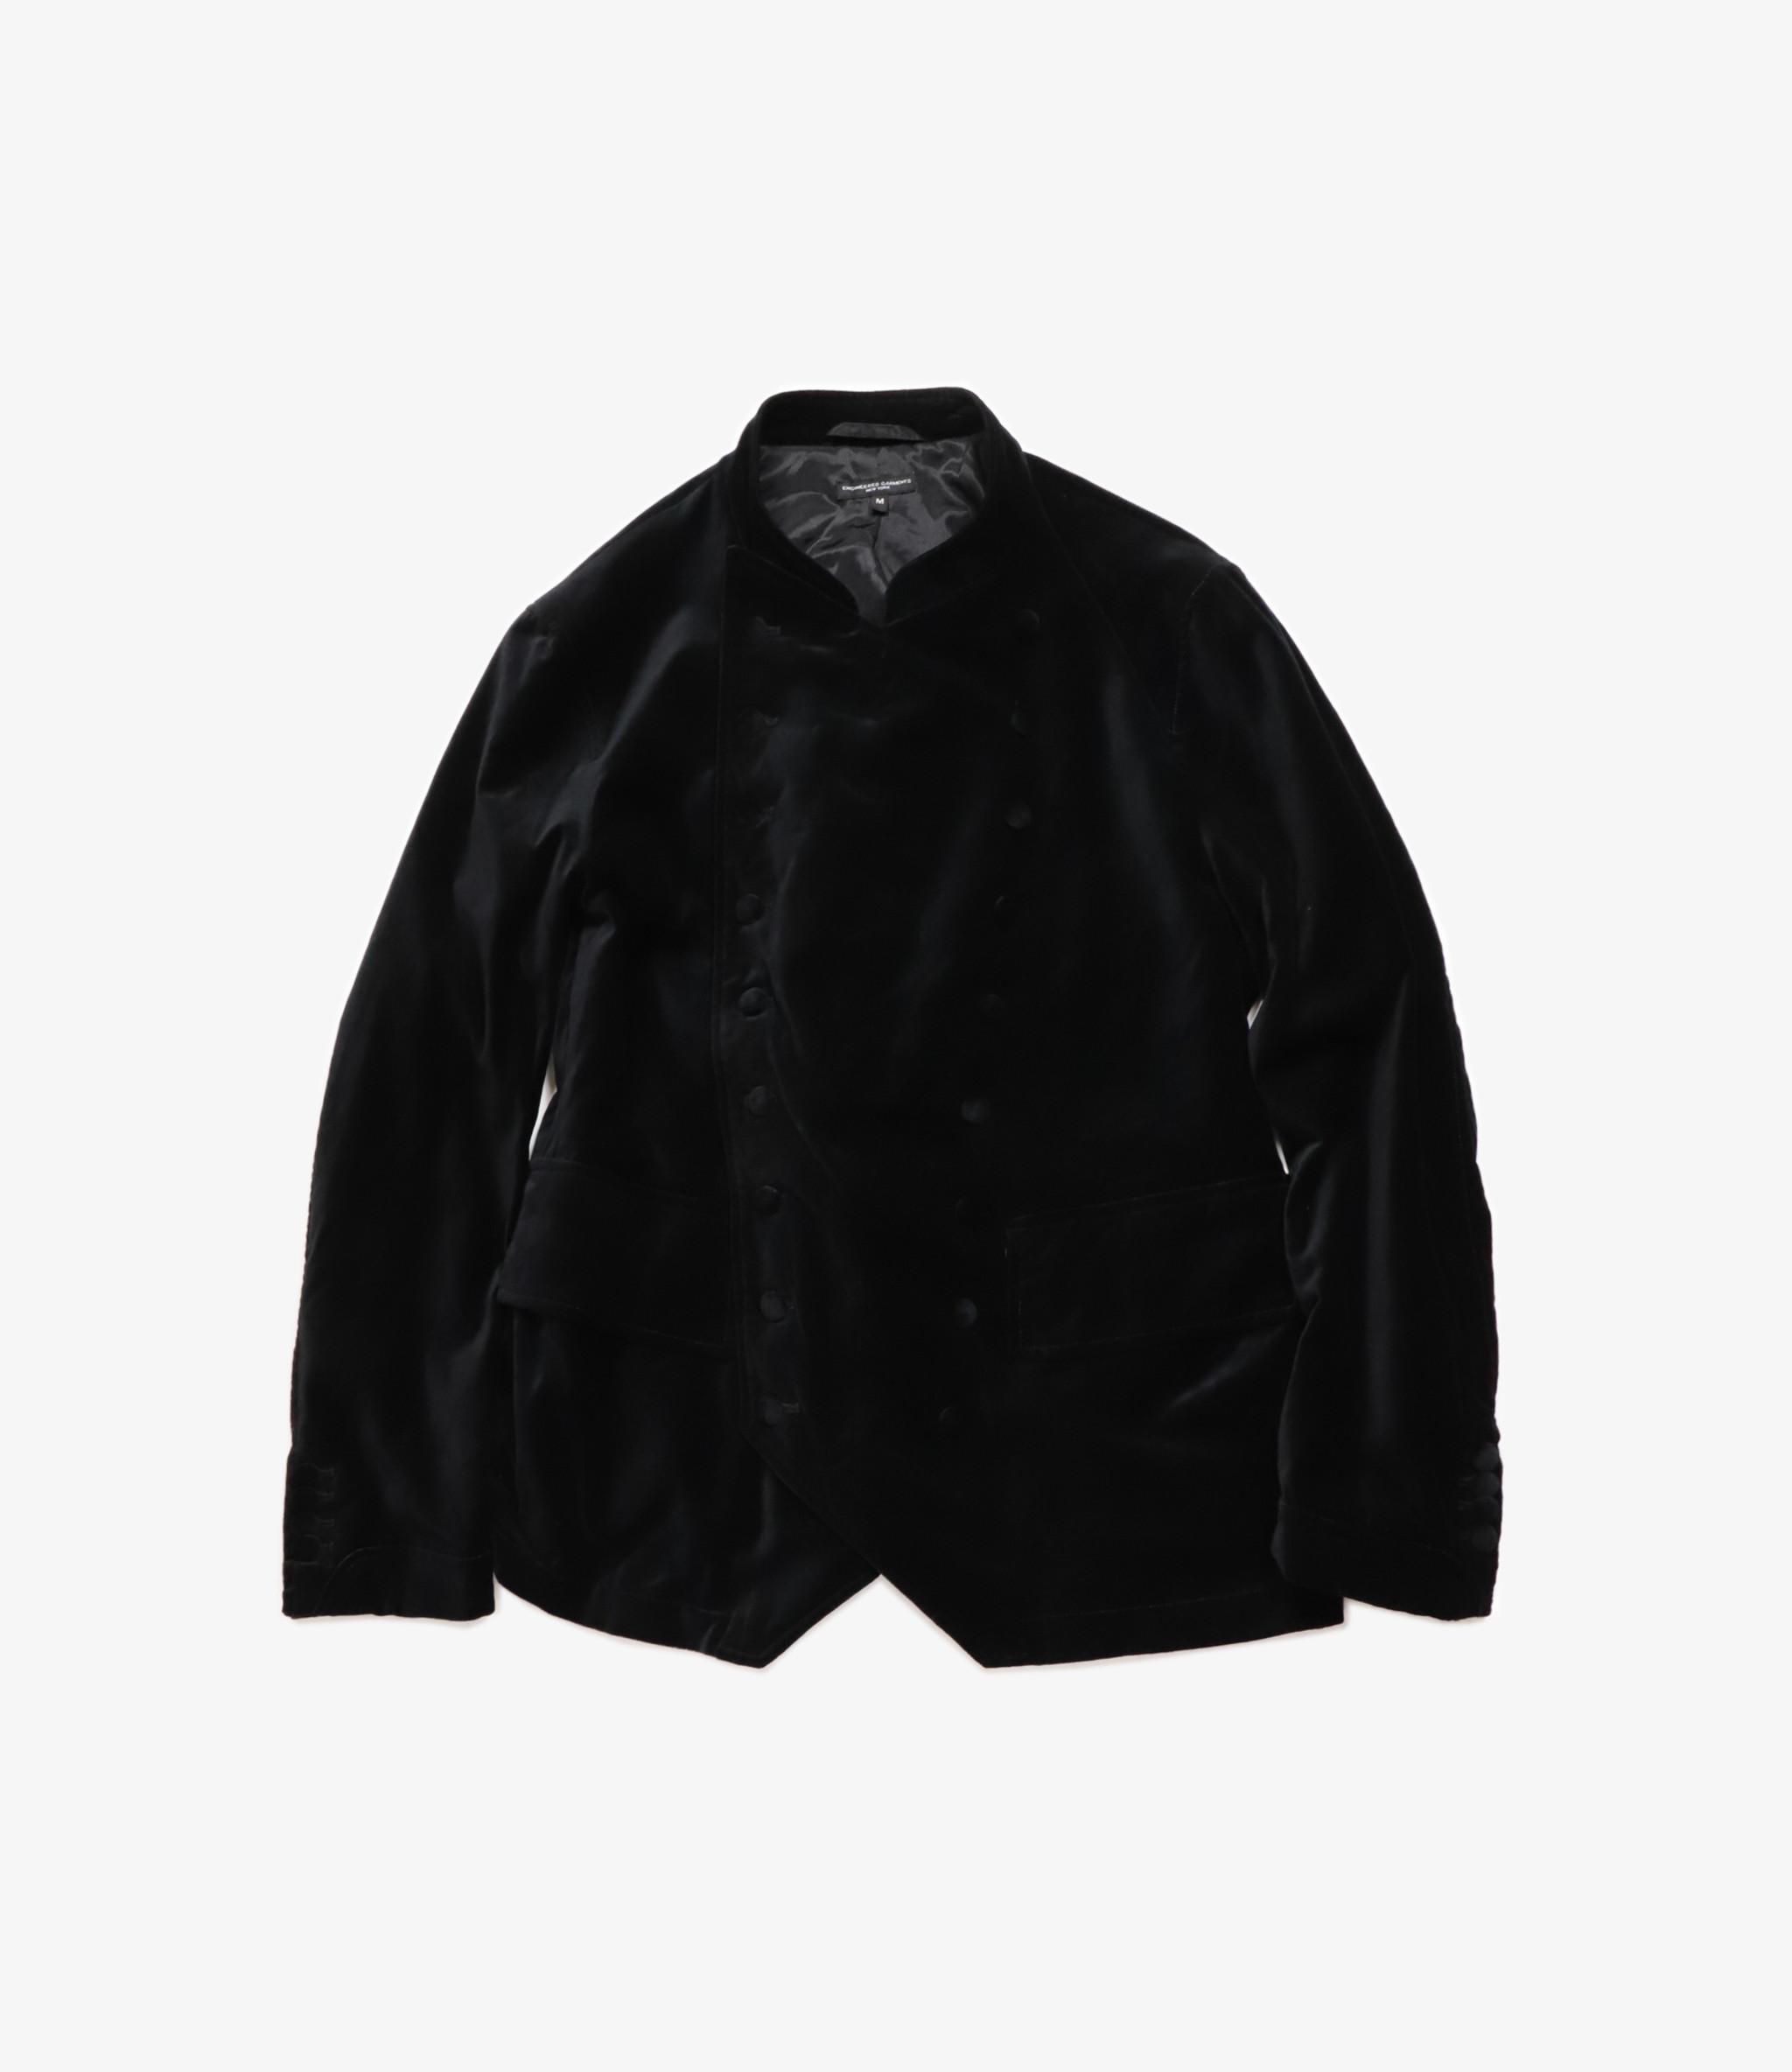 engineered garments womens engineered garments jacket